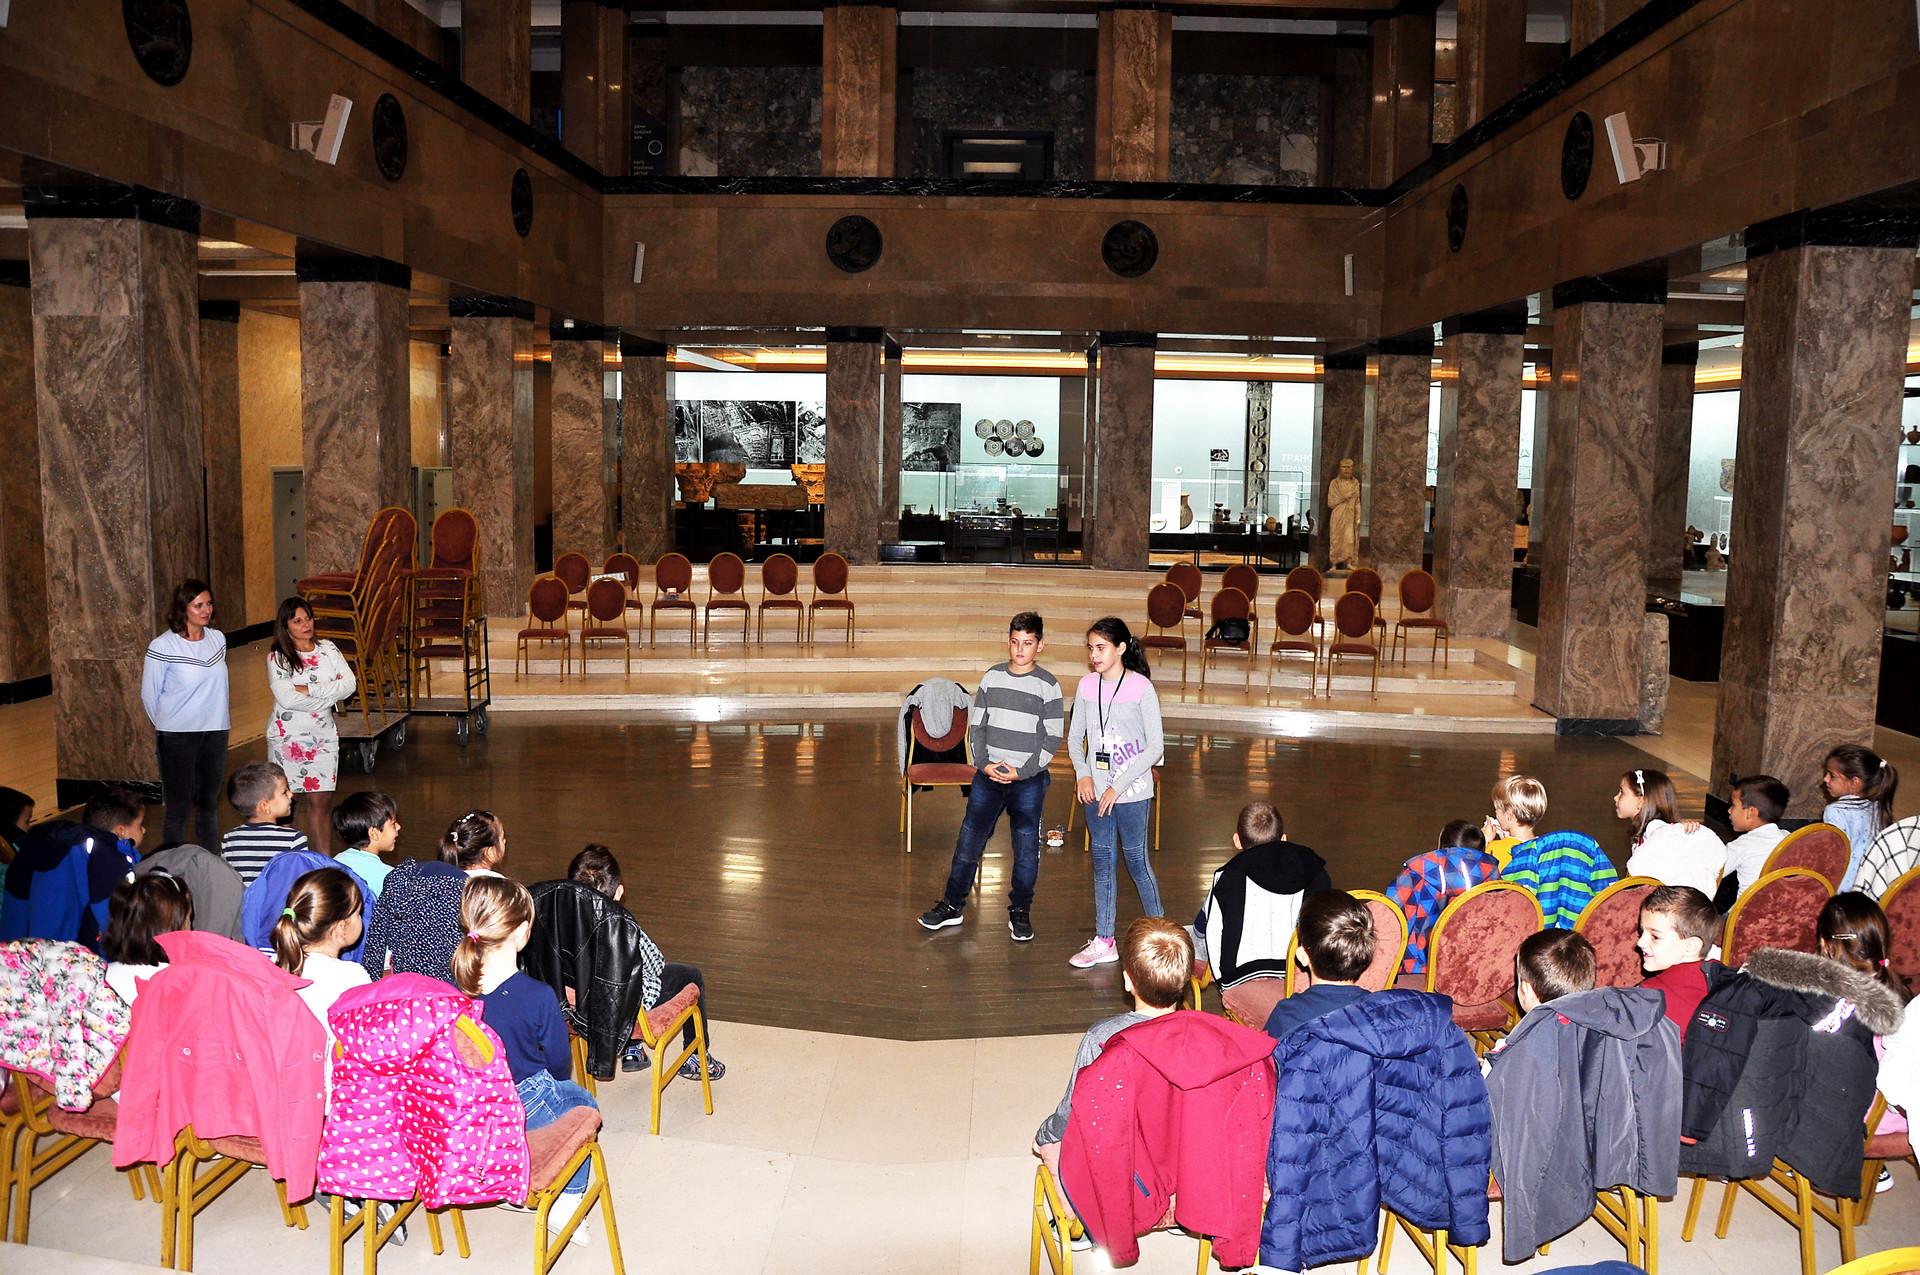 Početak: Mila i Laza predškolcima objašnjavaju pravila prve igre